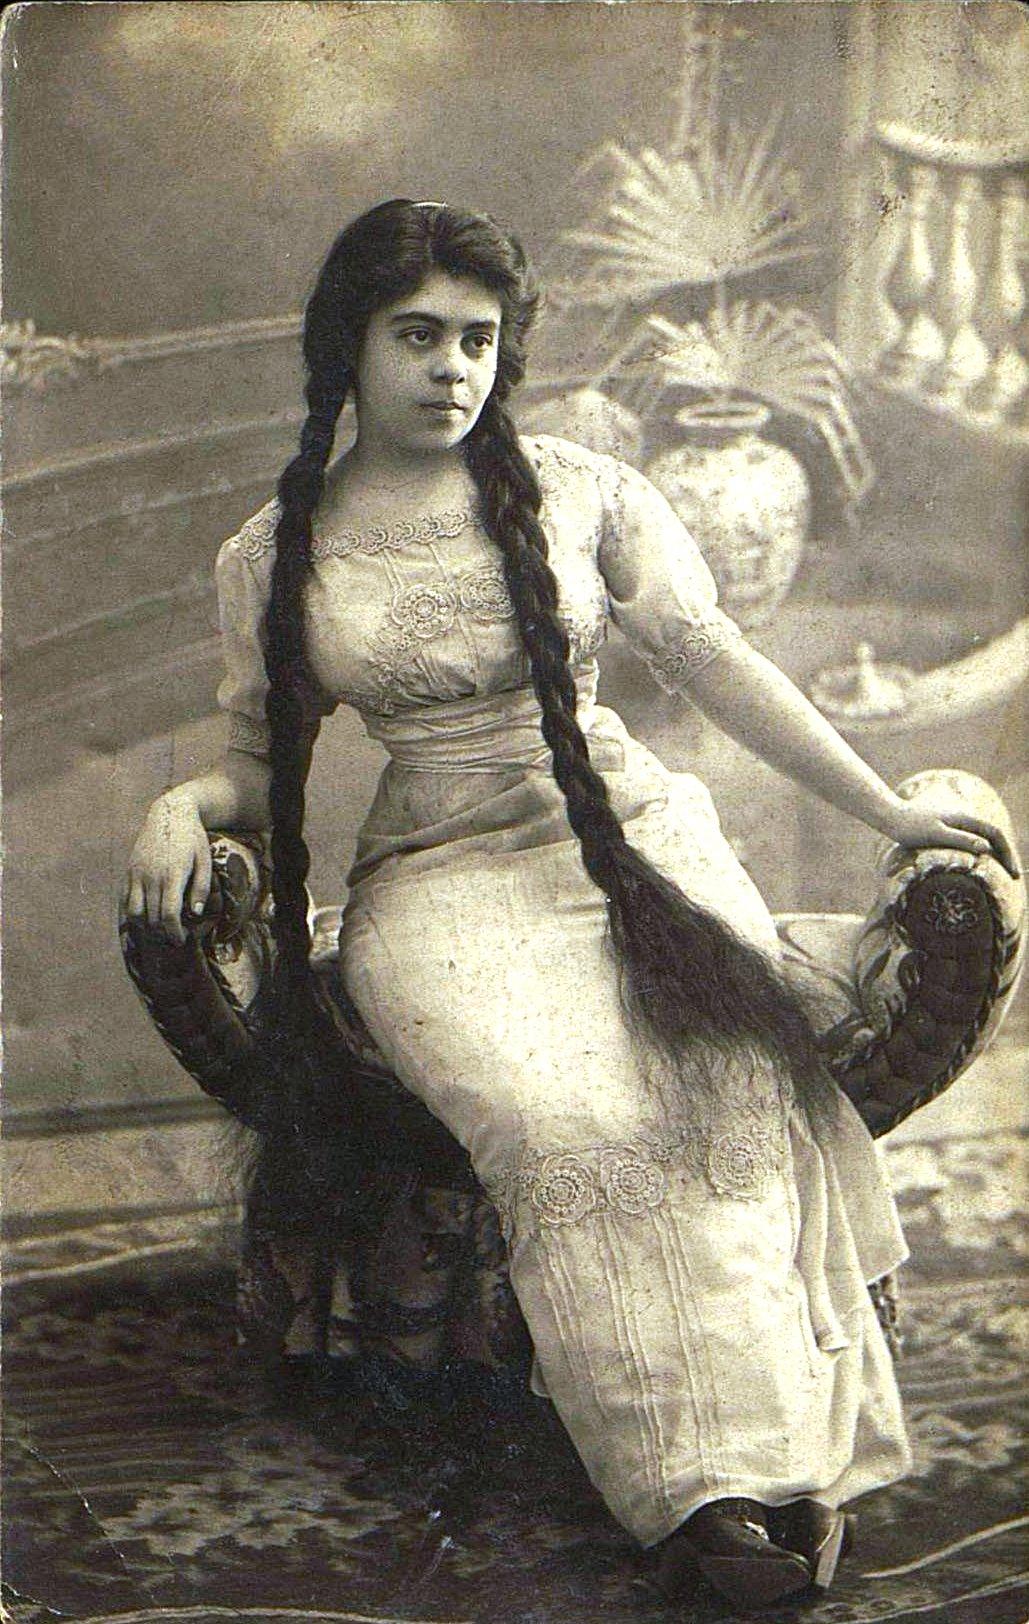 Богдановская Н.Д. 1911 (1)